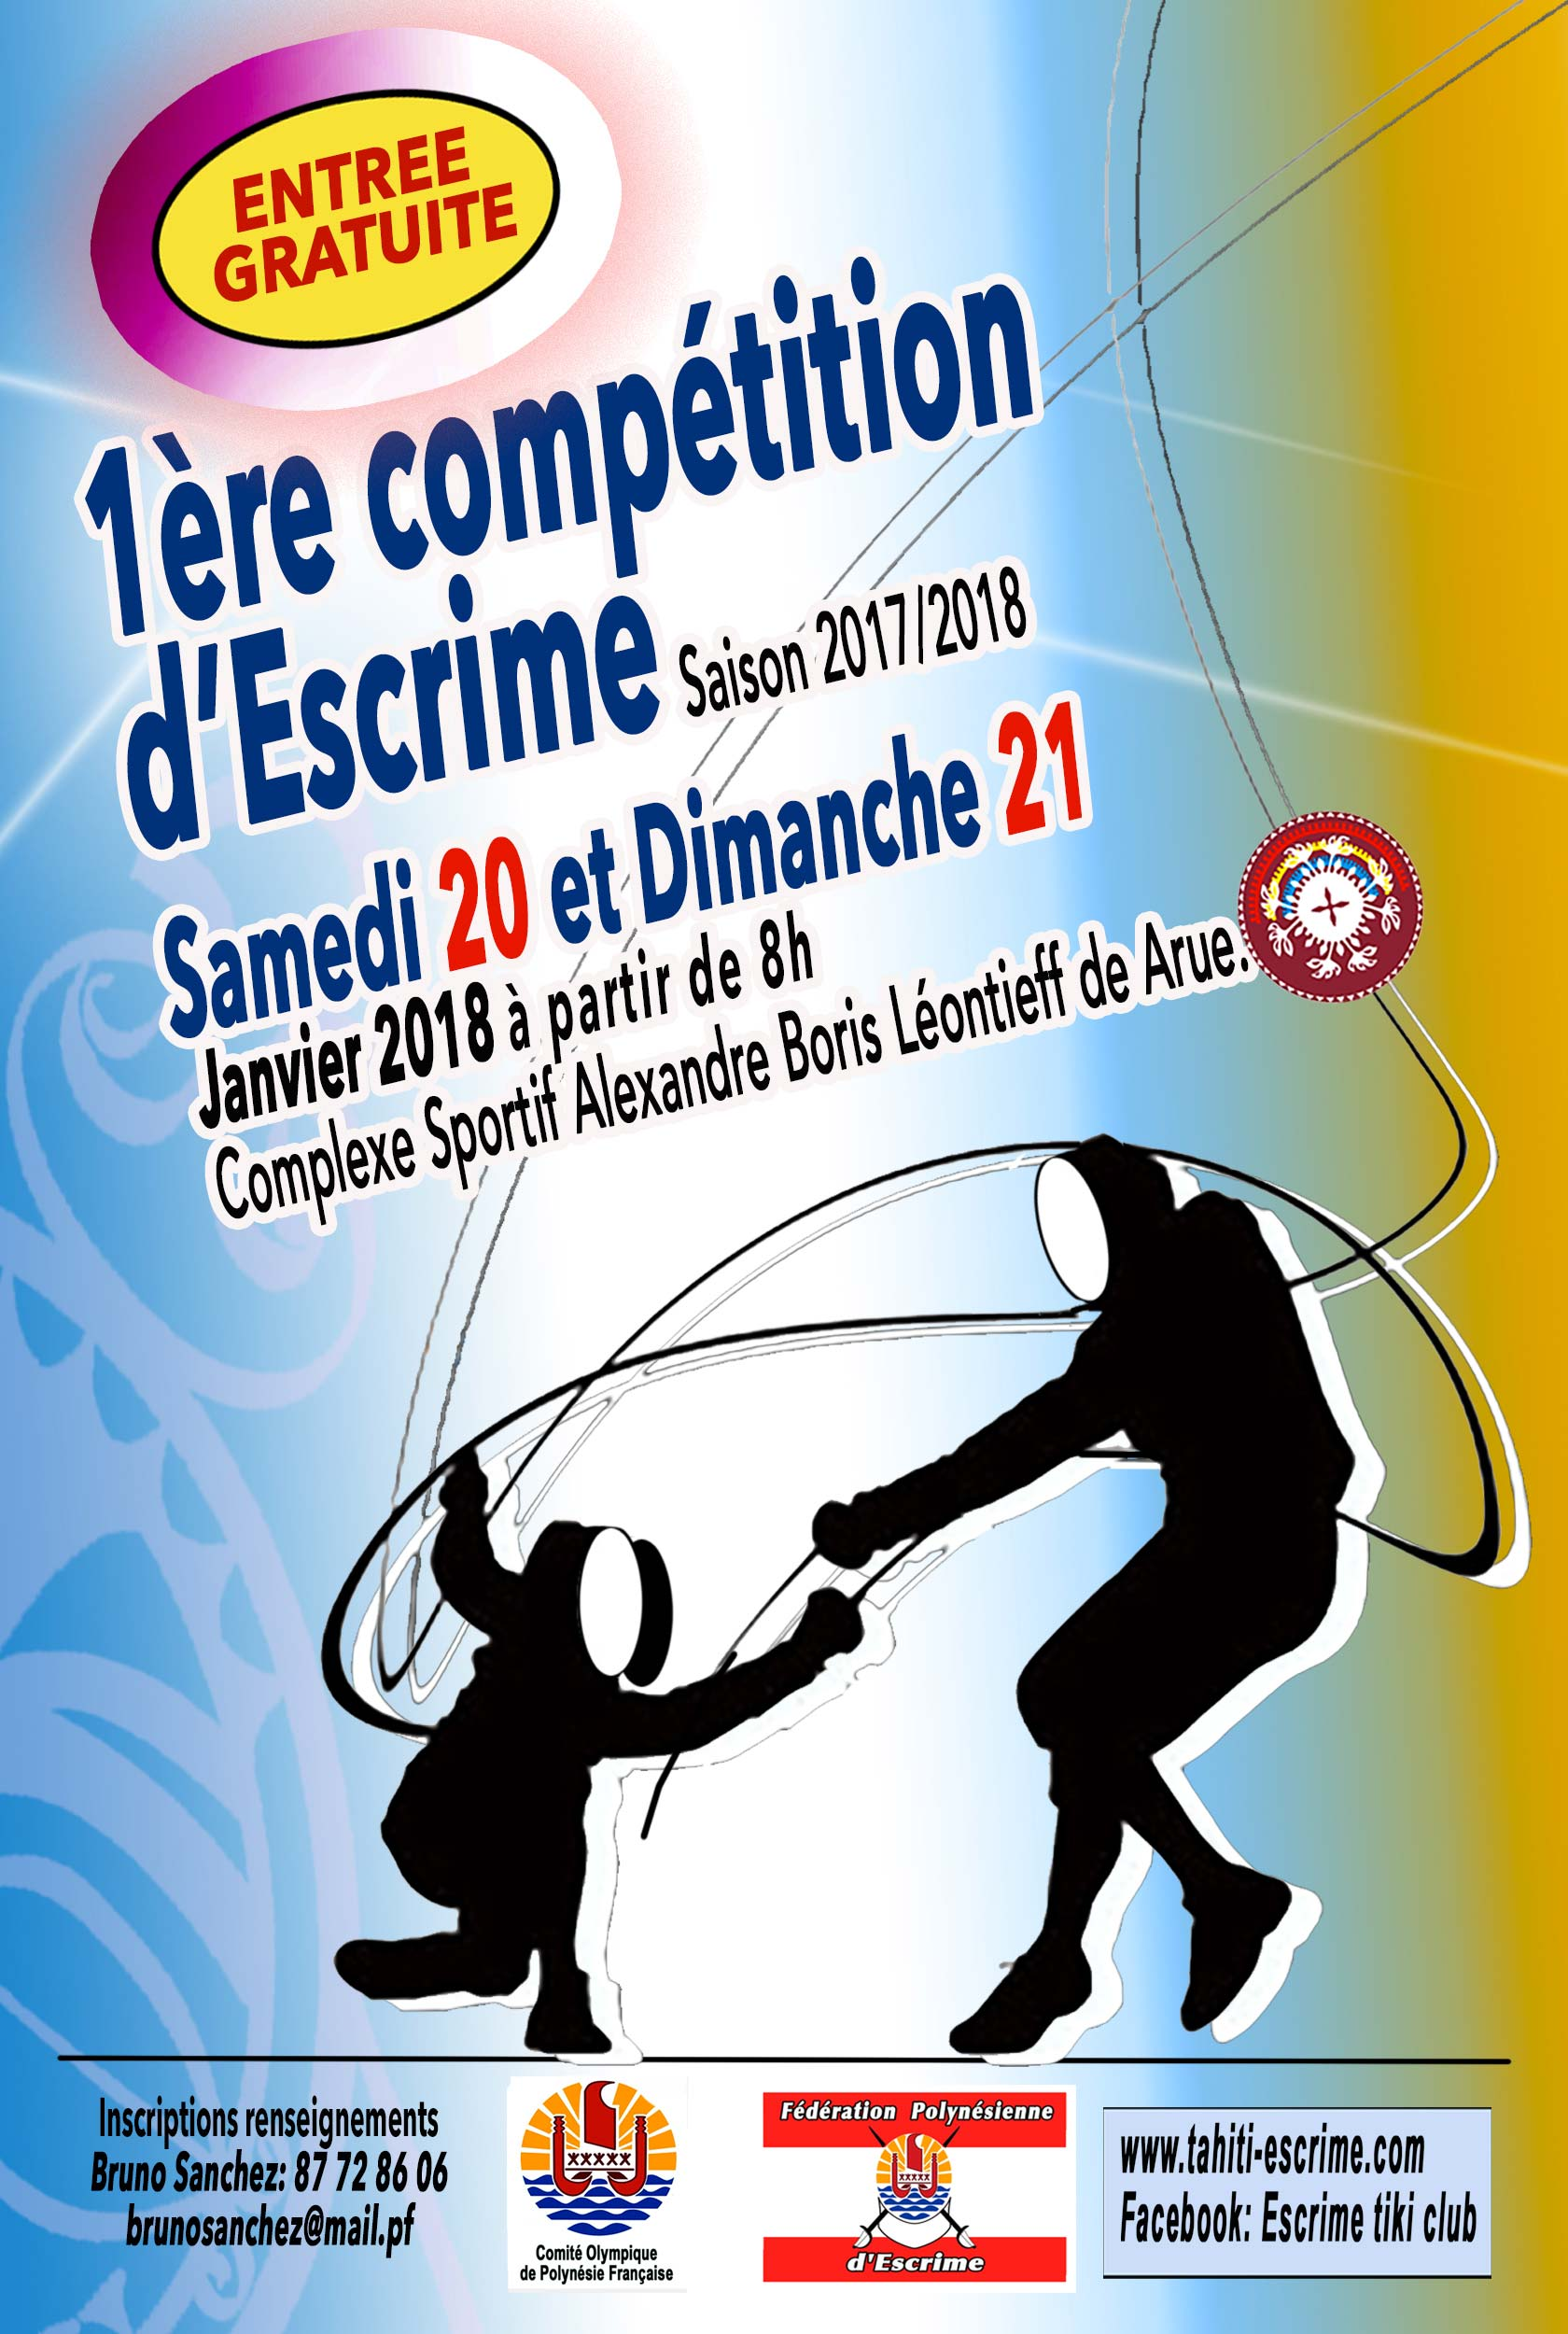 Escrime - Saison 2017-2018 : Les compétitions se dérouleront désormais au gymnase d'Arue